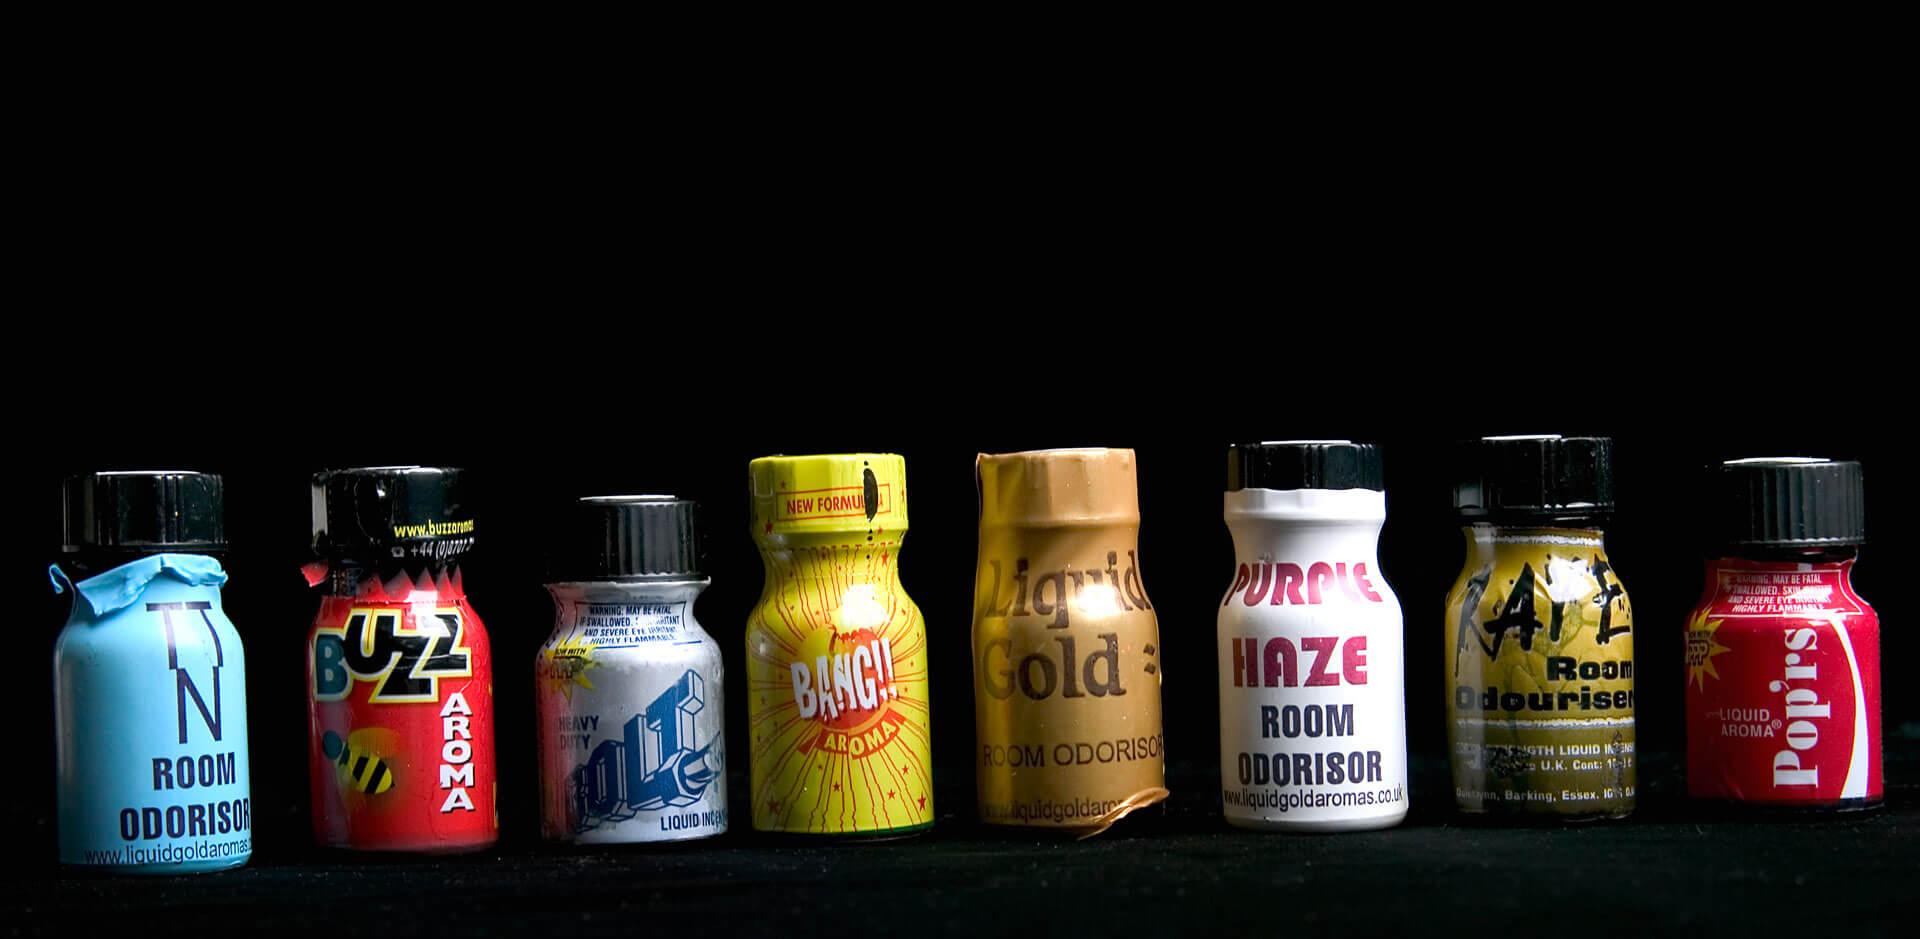 H Y Pure Nigth Filter: Drug Free VA